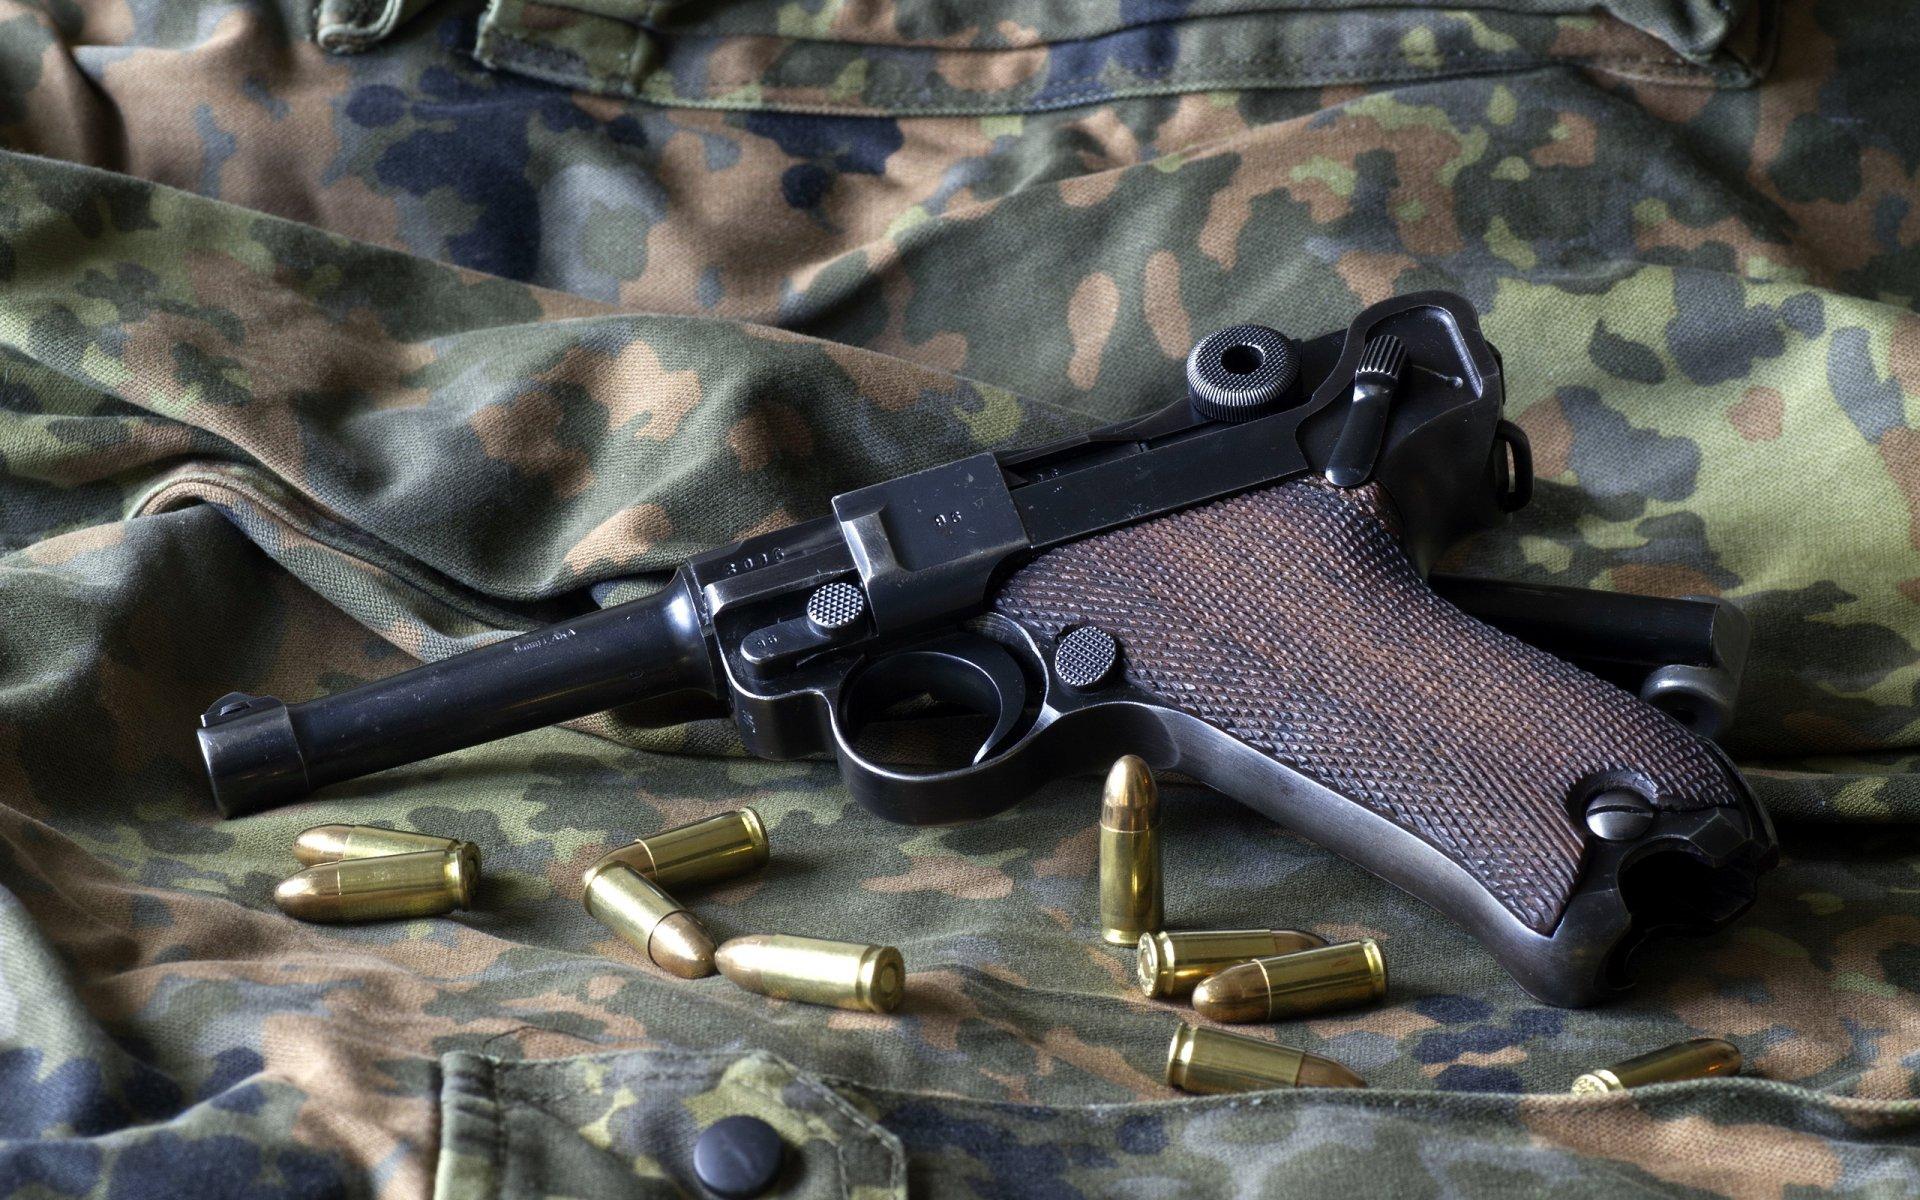 Картинки пистолетов немецких